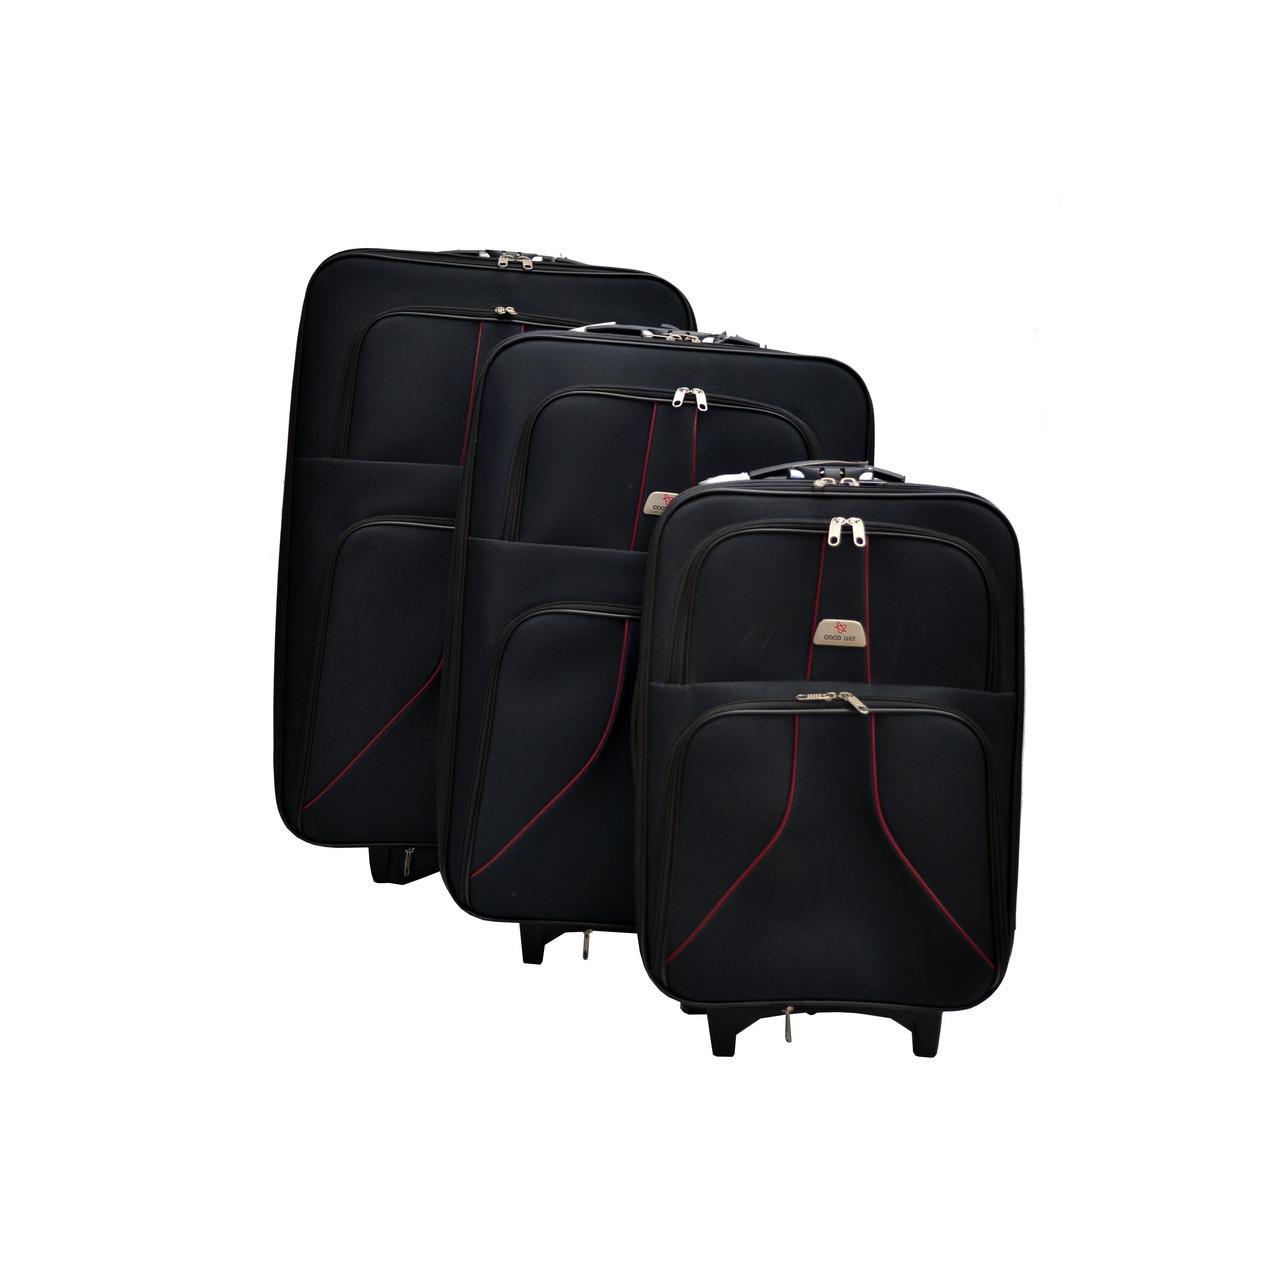 Дорожный чемодан на колесах  размеры: 73 см х 50 см х 24+5 см